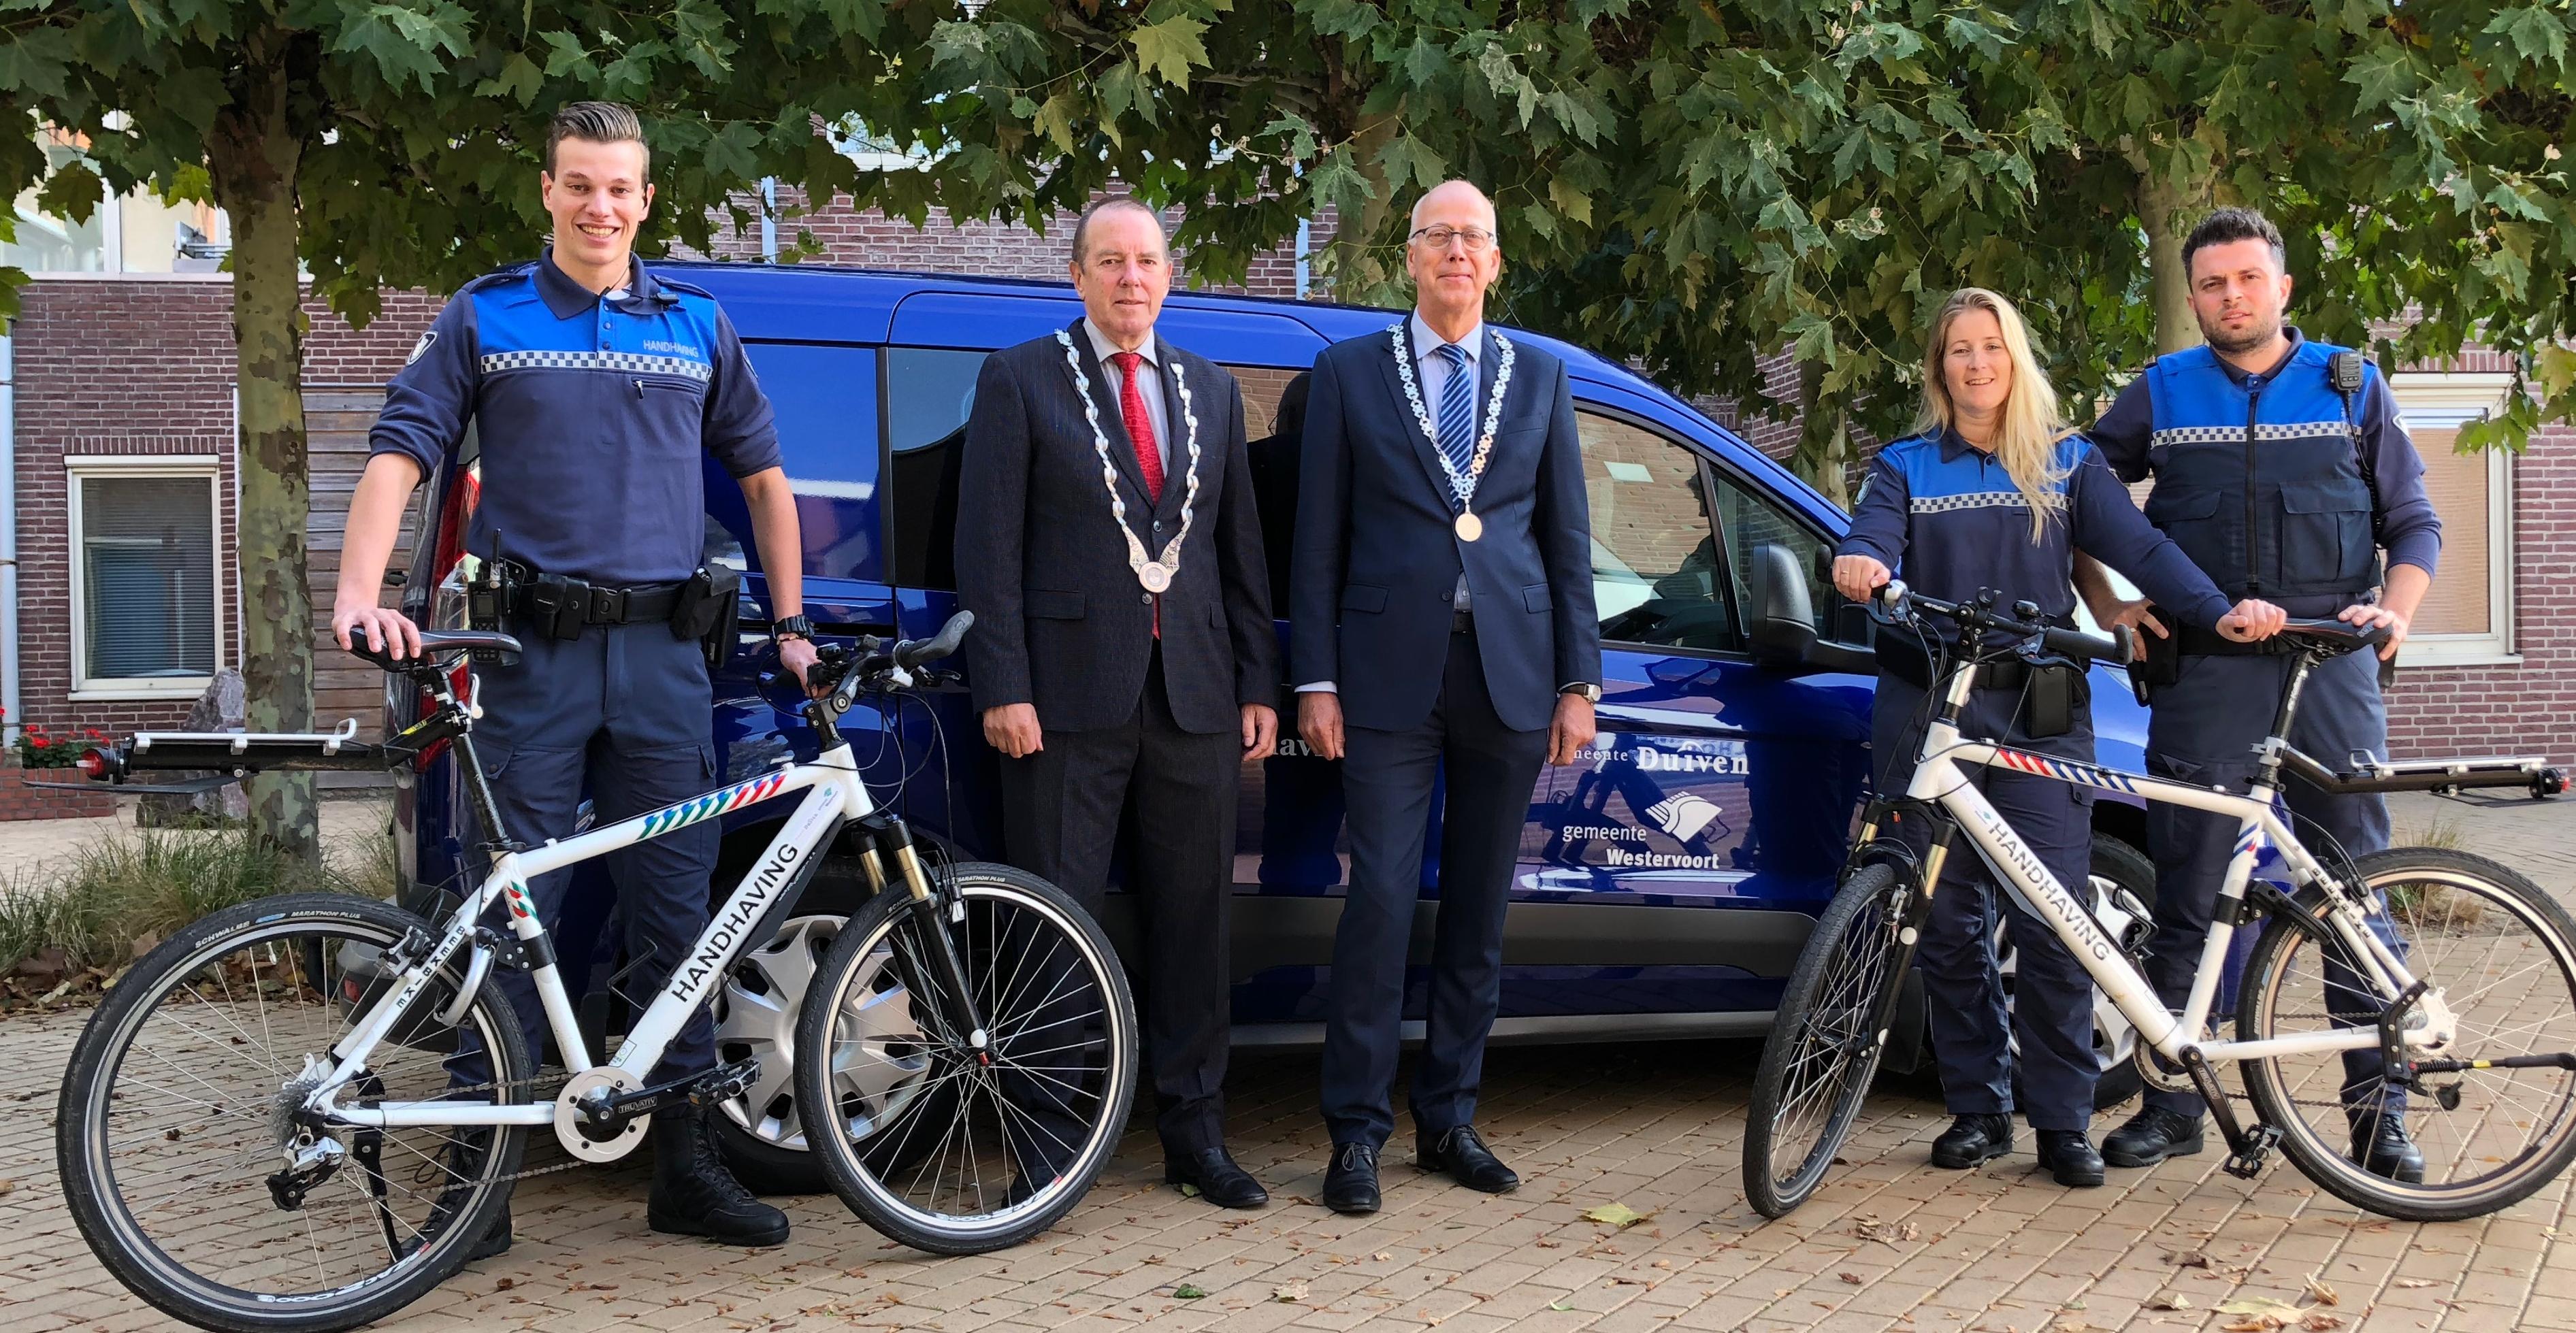 Het boa-team van de gemeenten Duiven en Westervoort